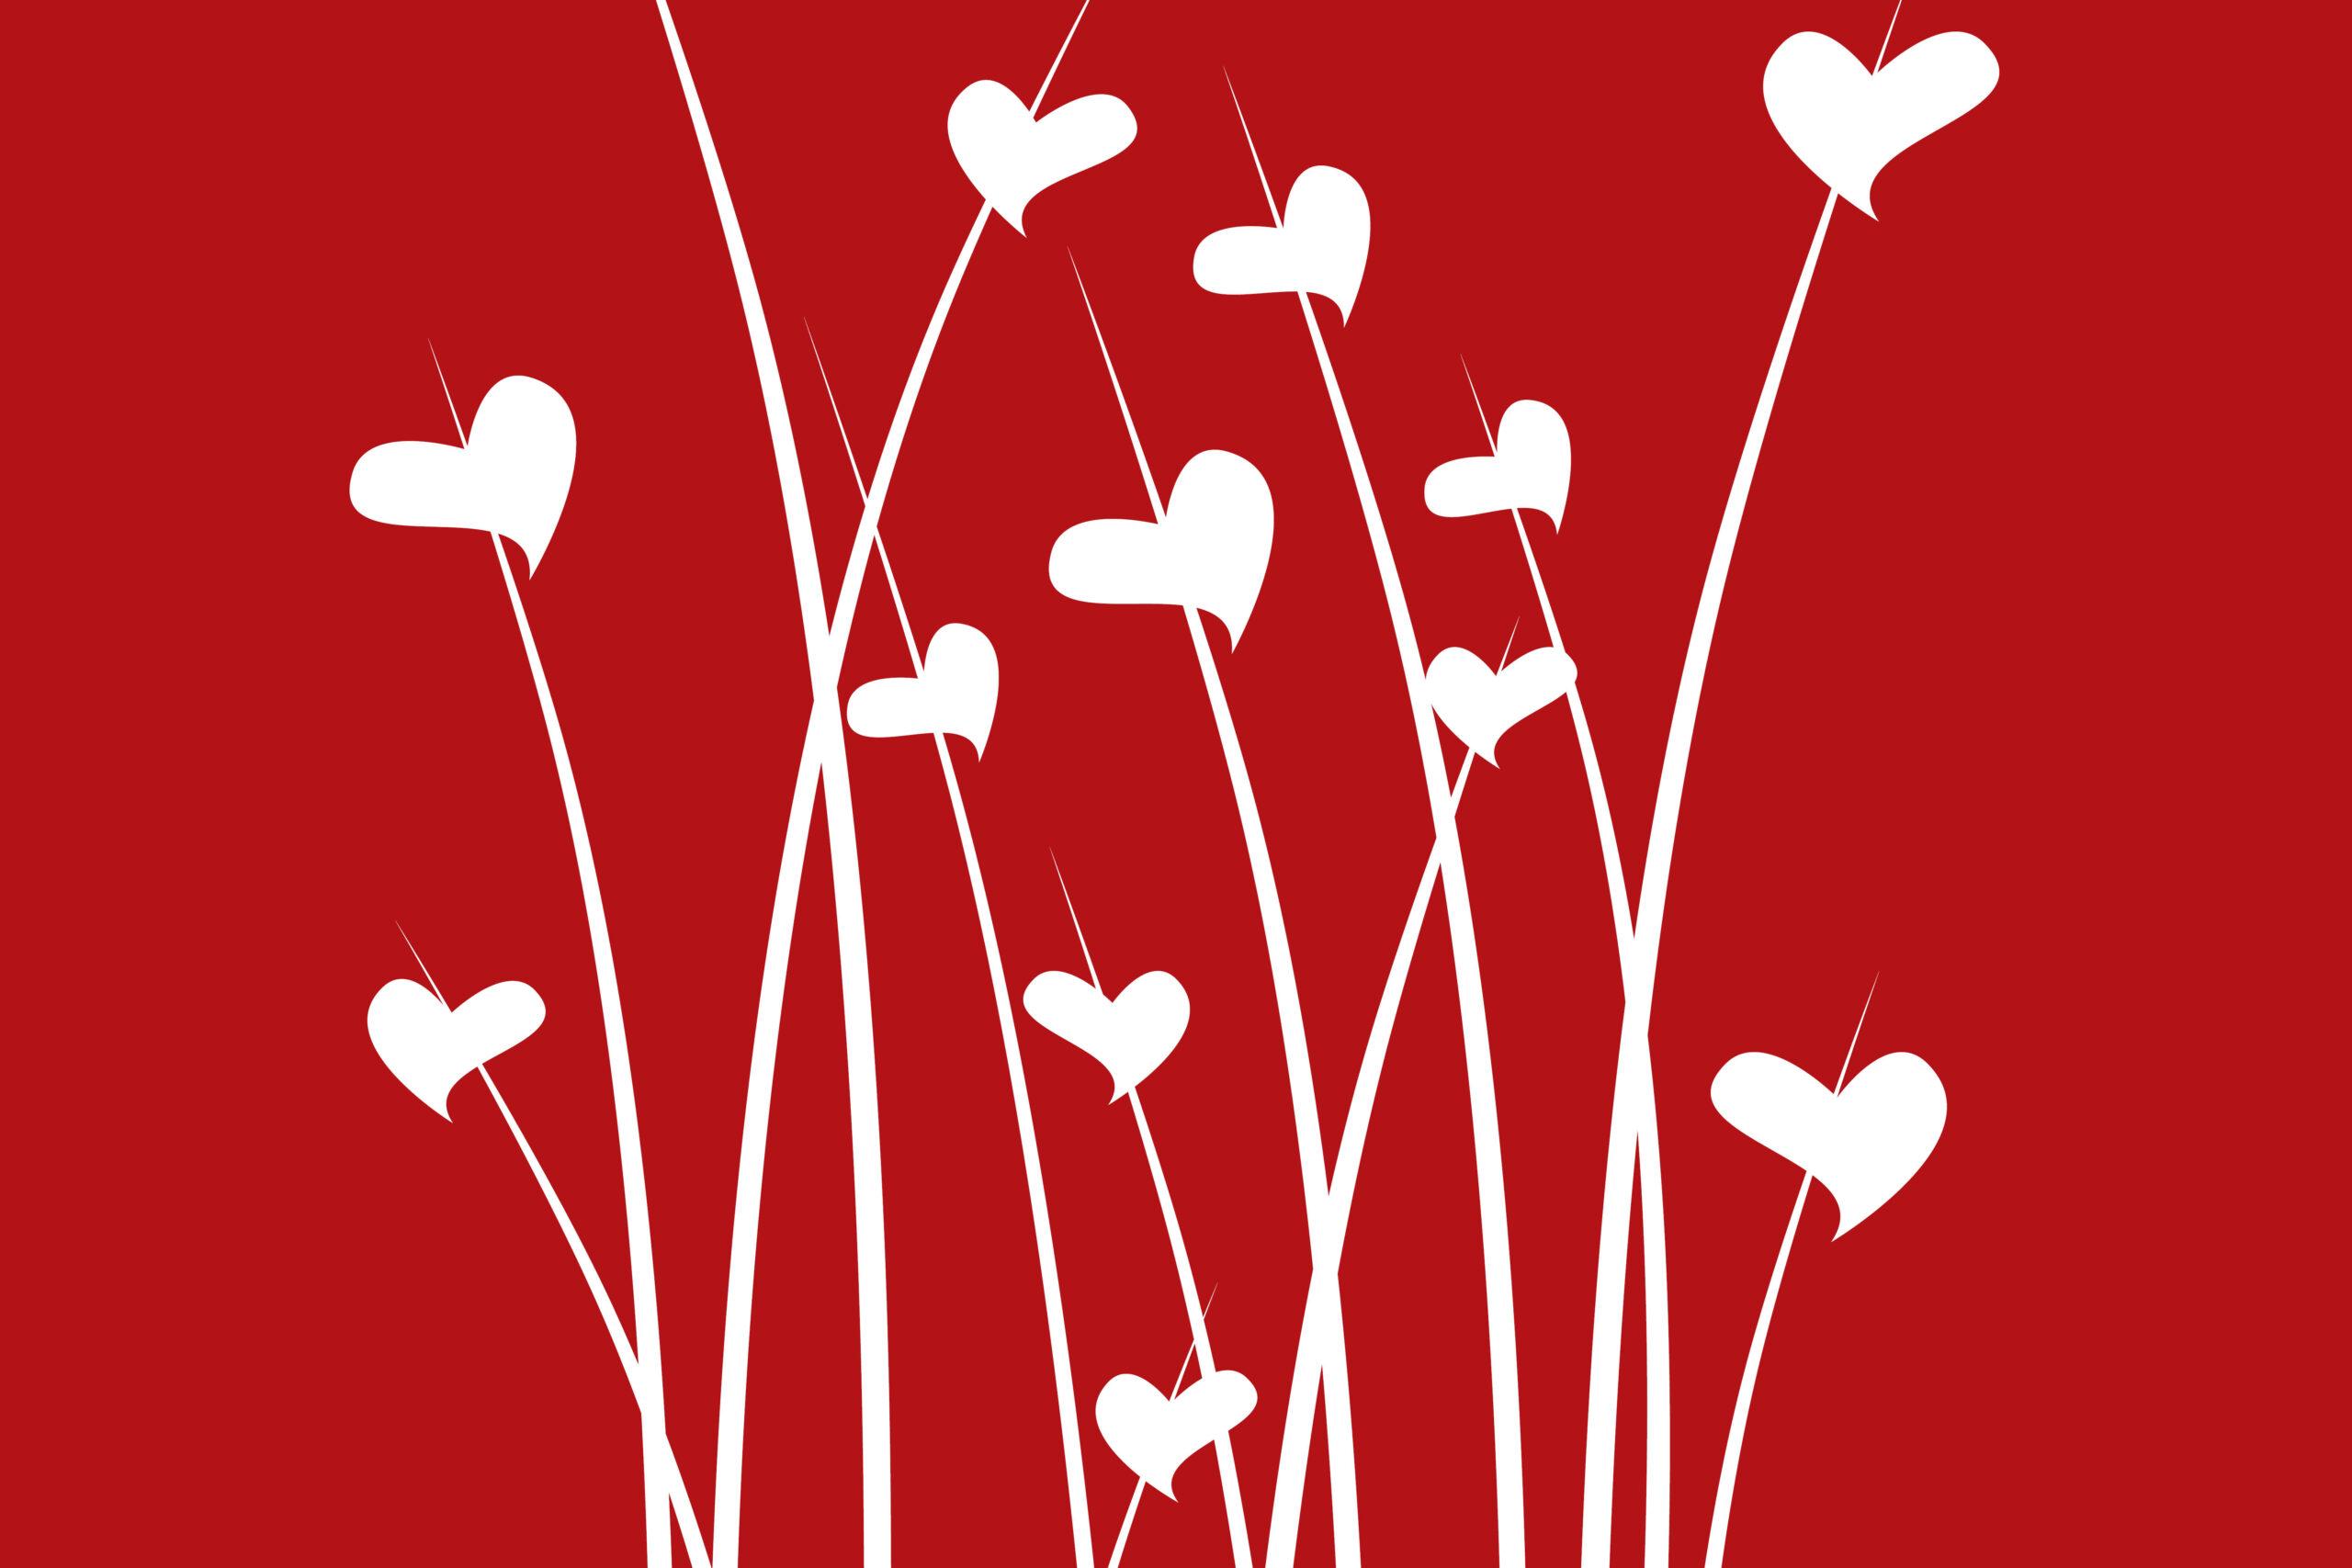 joyful hearts on flower stalks